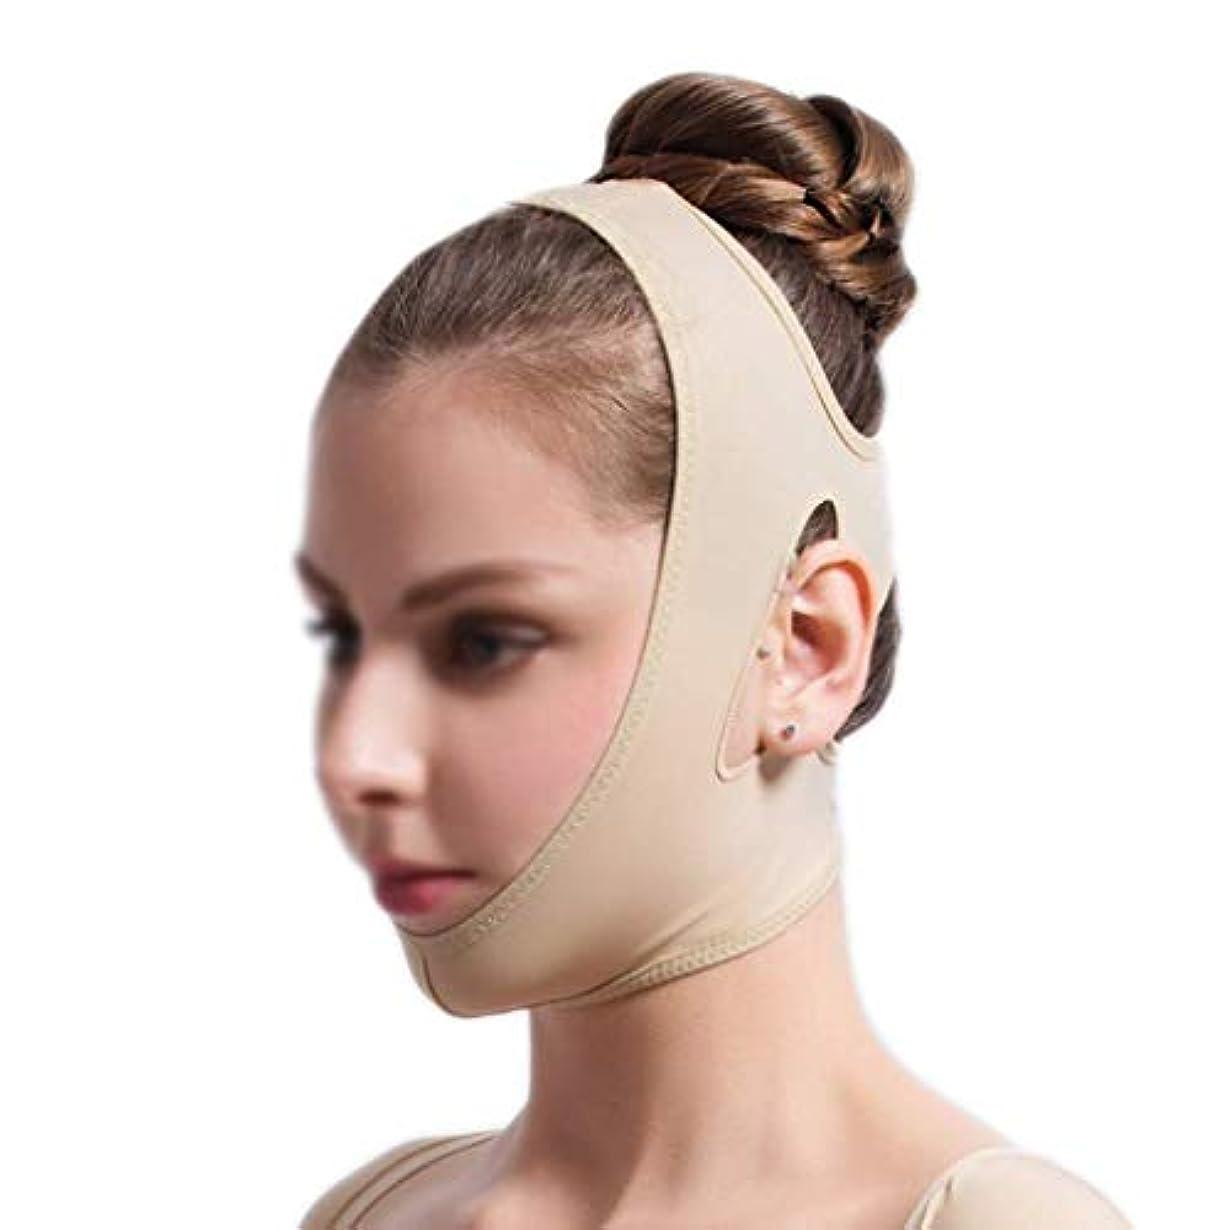 フェイスリフティングバンデージ、フェイシャル減量マスク、フェイシャルリフティングスリミングベルト、痩身チークマスク(サイズ:S),M